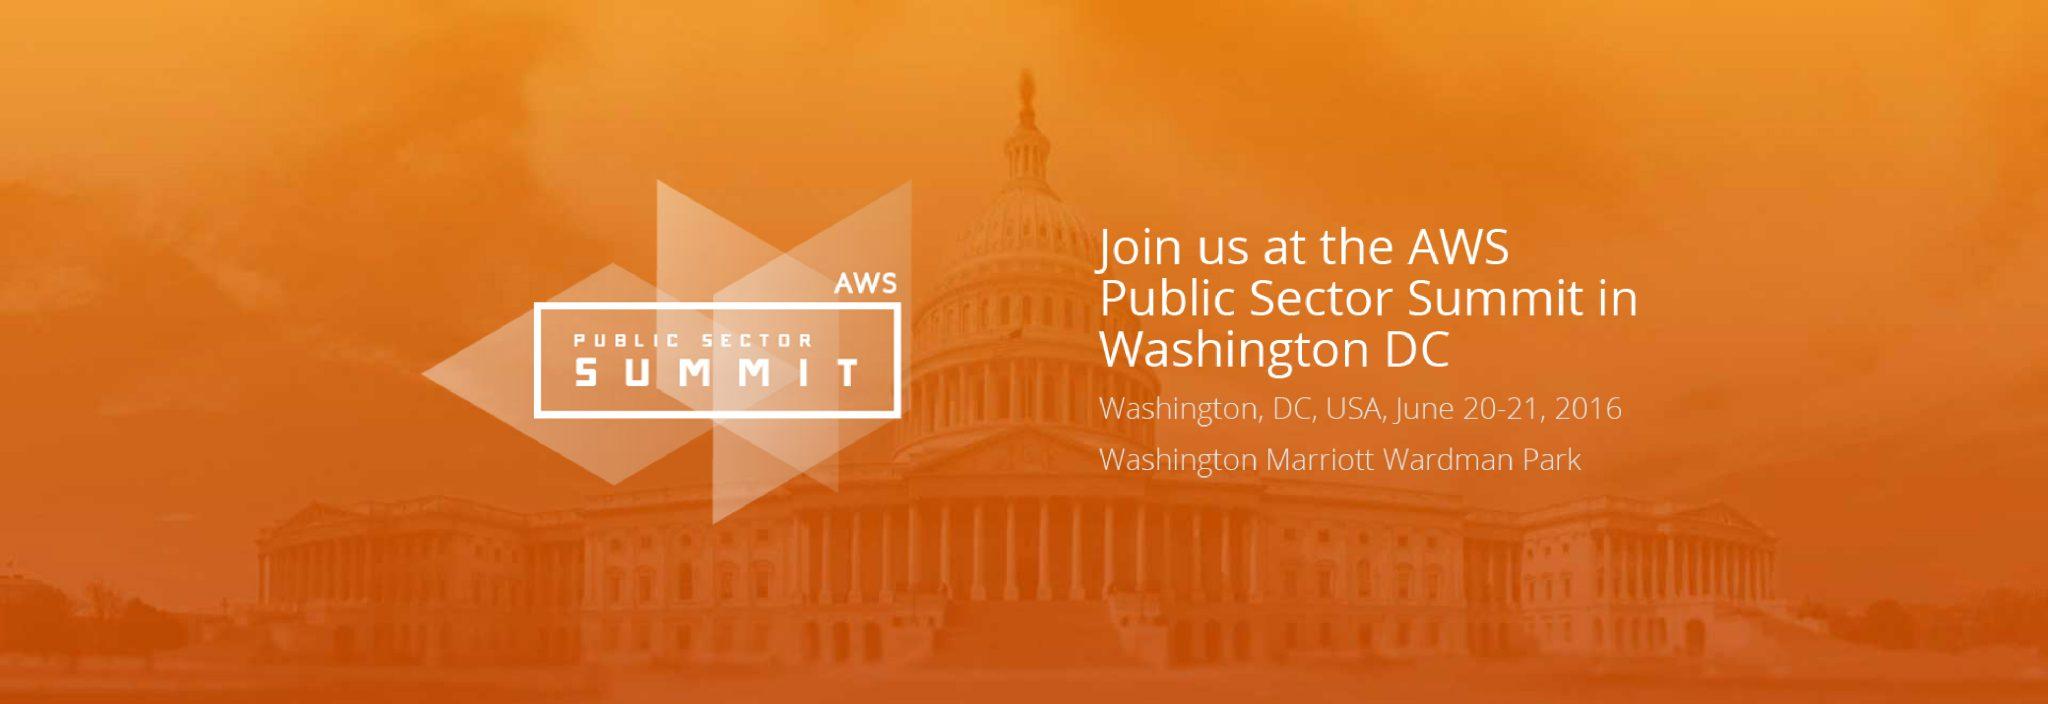 aws-summit-washington-dc-01